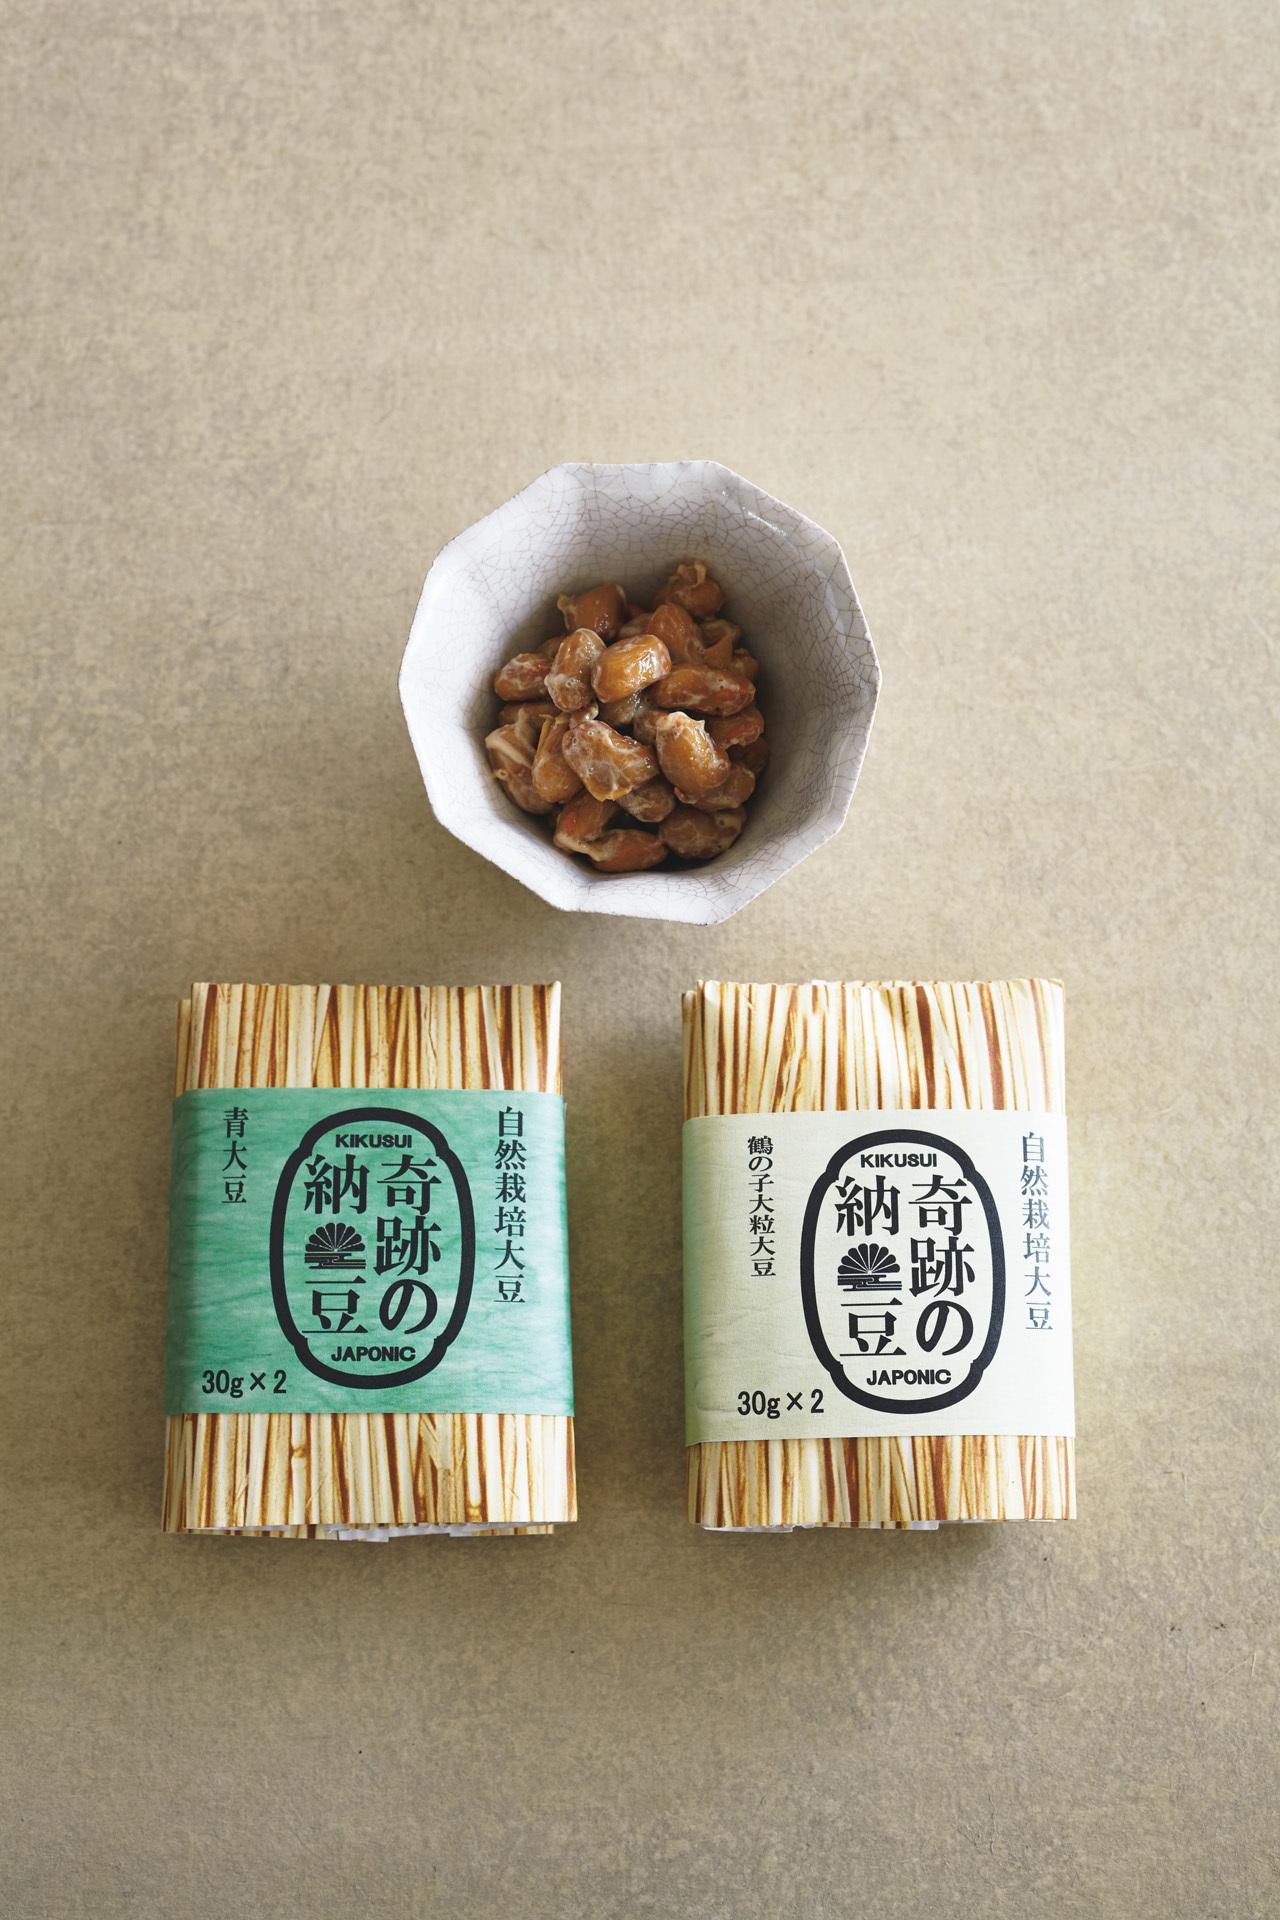 数々の賞を受賞した 菊水食品の「奇跡の納豆」_1_1